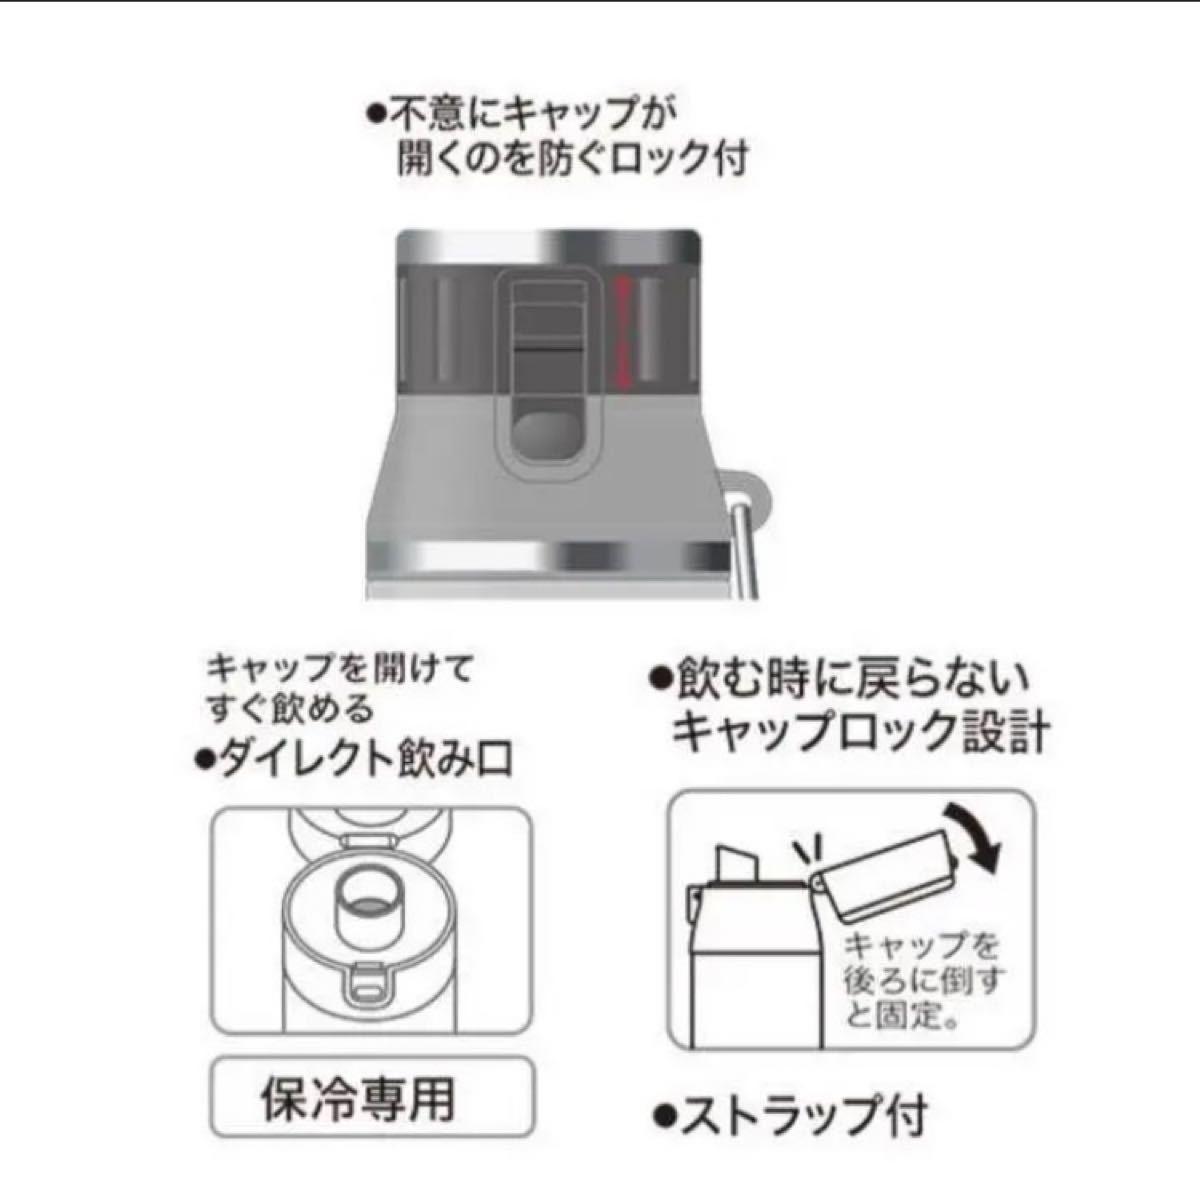 新品 MARVEL  マーベルロゴ(カーキ)保冷ダイレクトステンレスボトル  直飲み水筒 大容量1200ml   超軽量